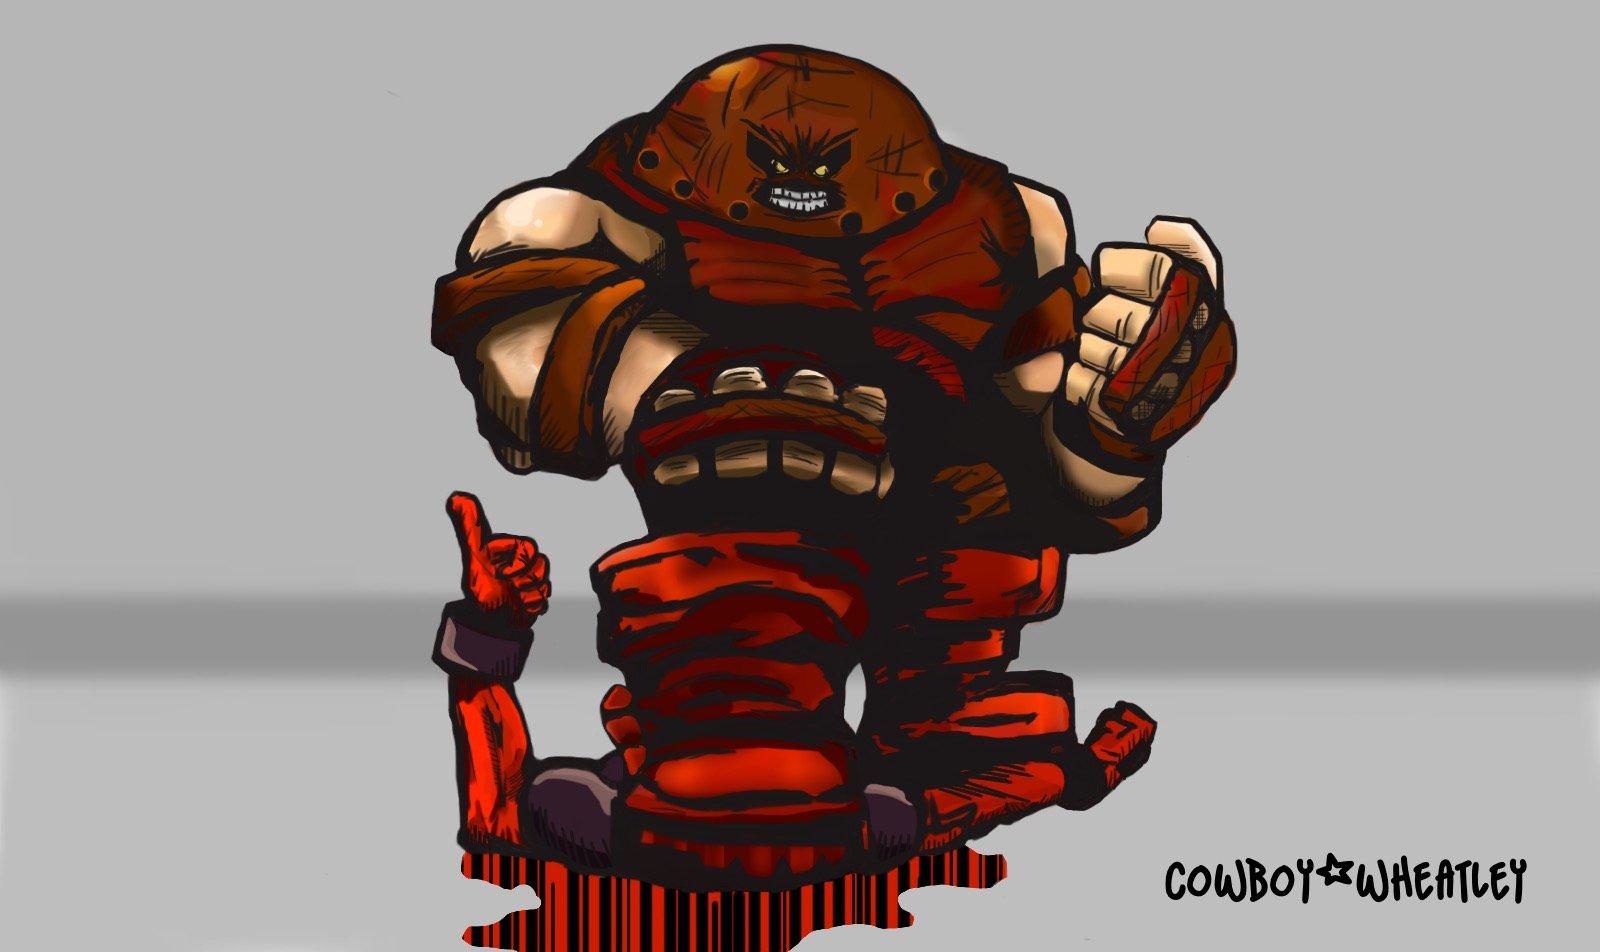 Juggernaut! - Изображение 1